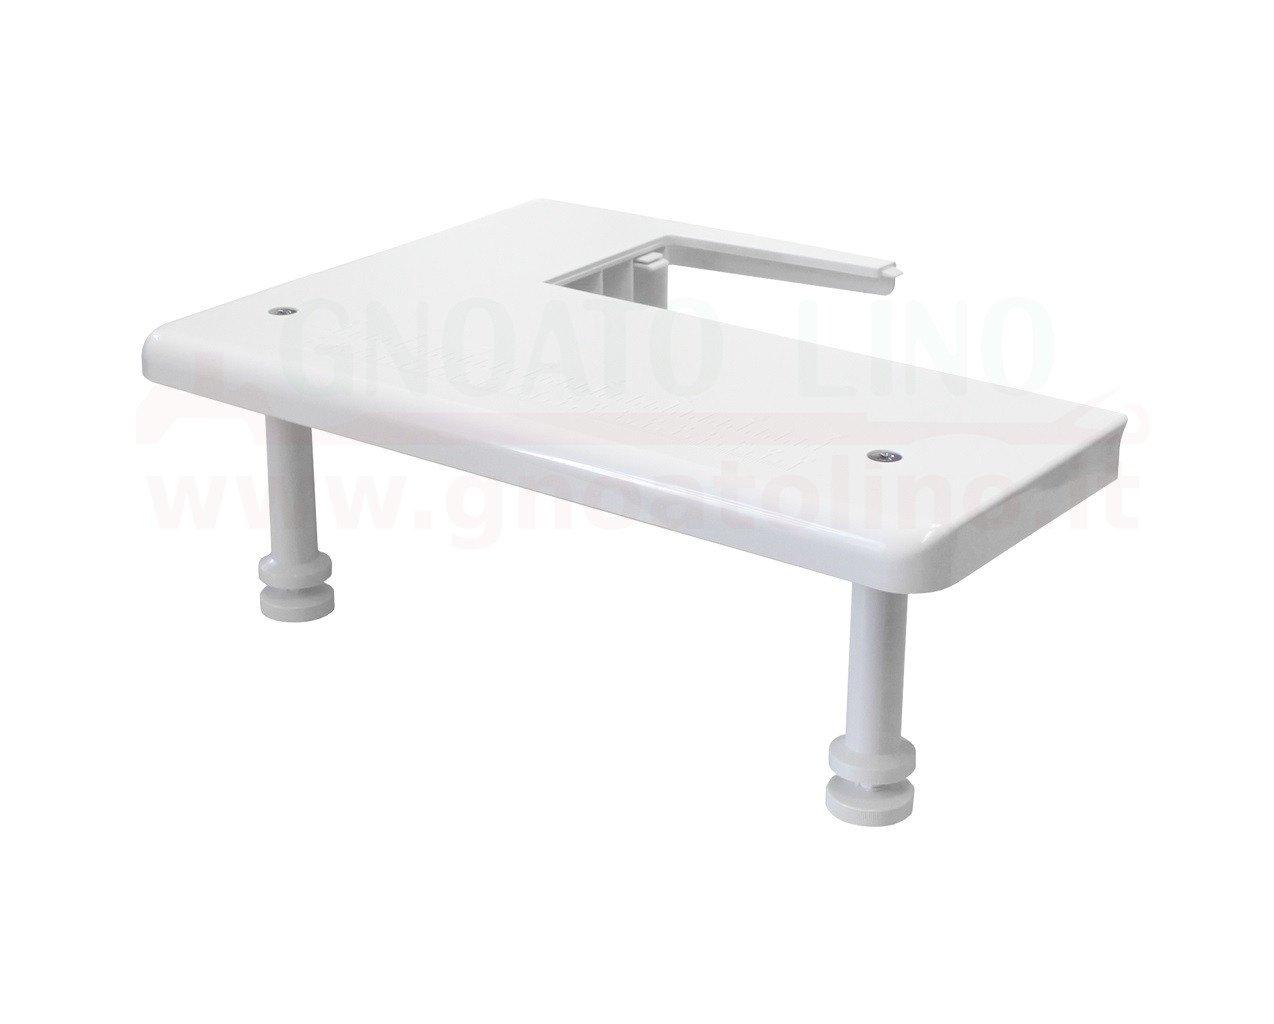 Tavolo di prolunga gnoato lino for Prolunga tavolo